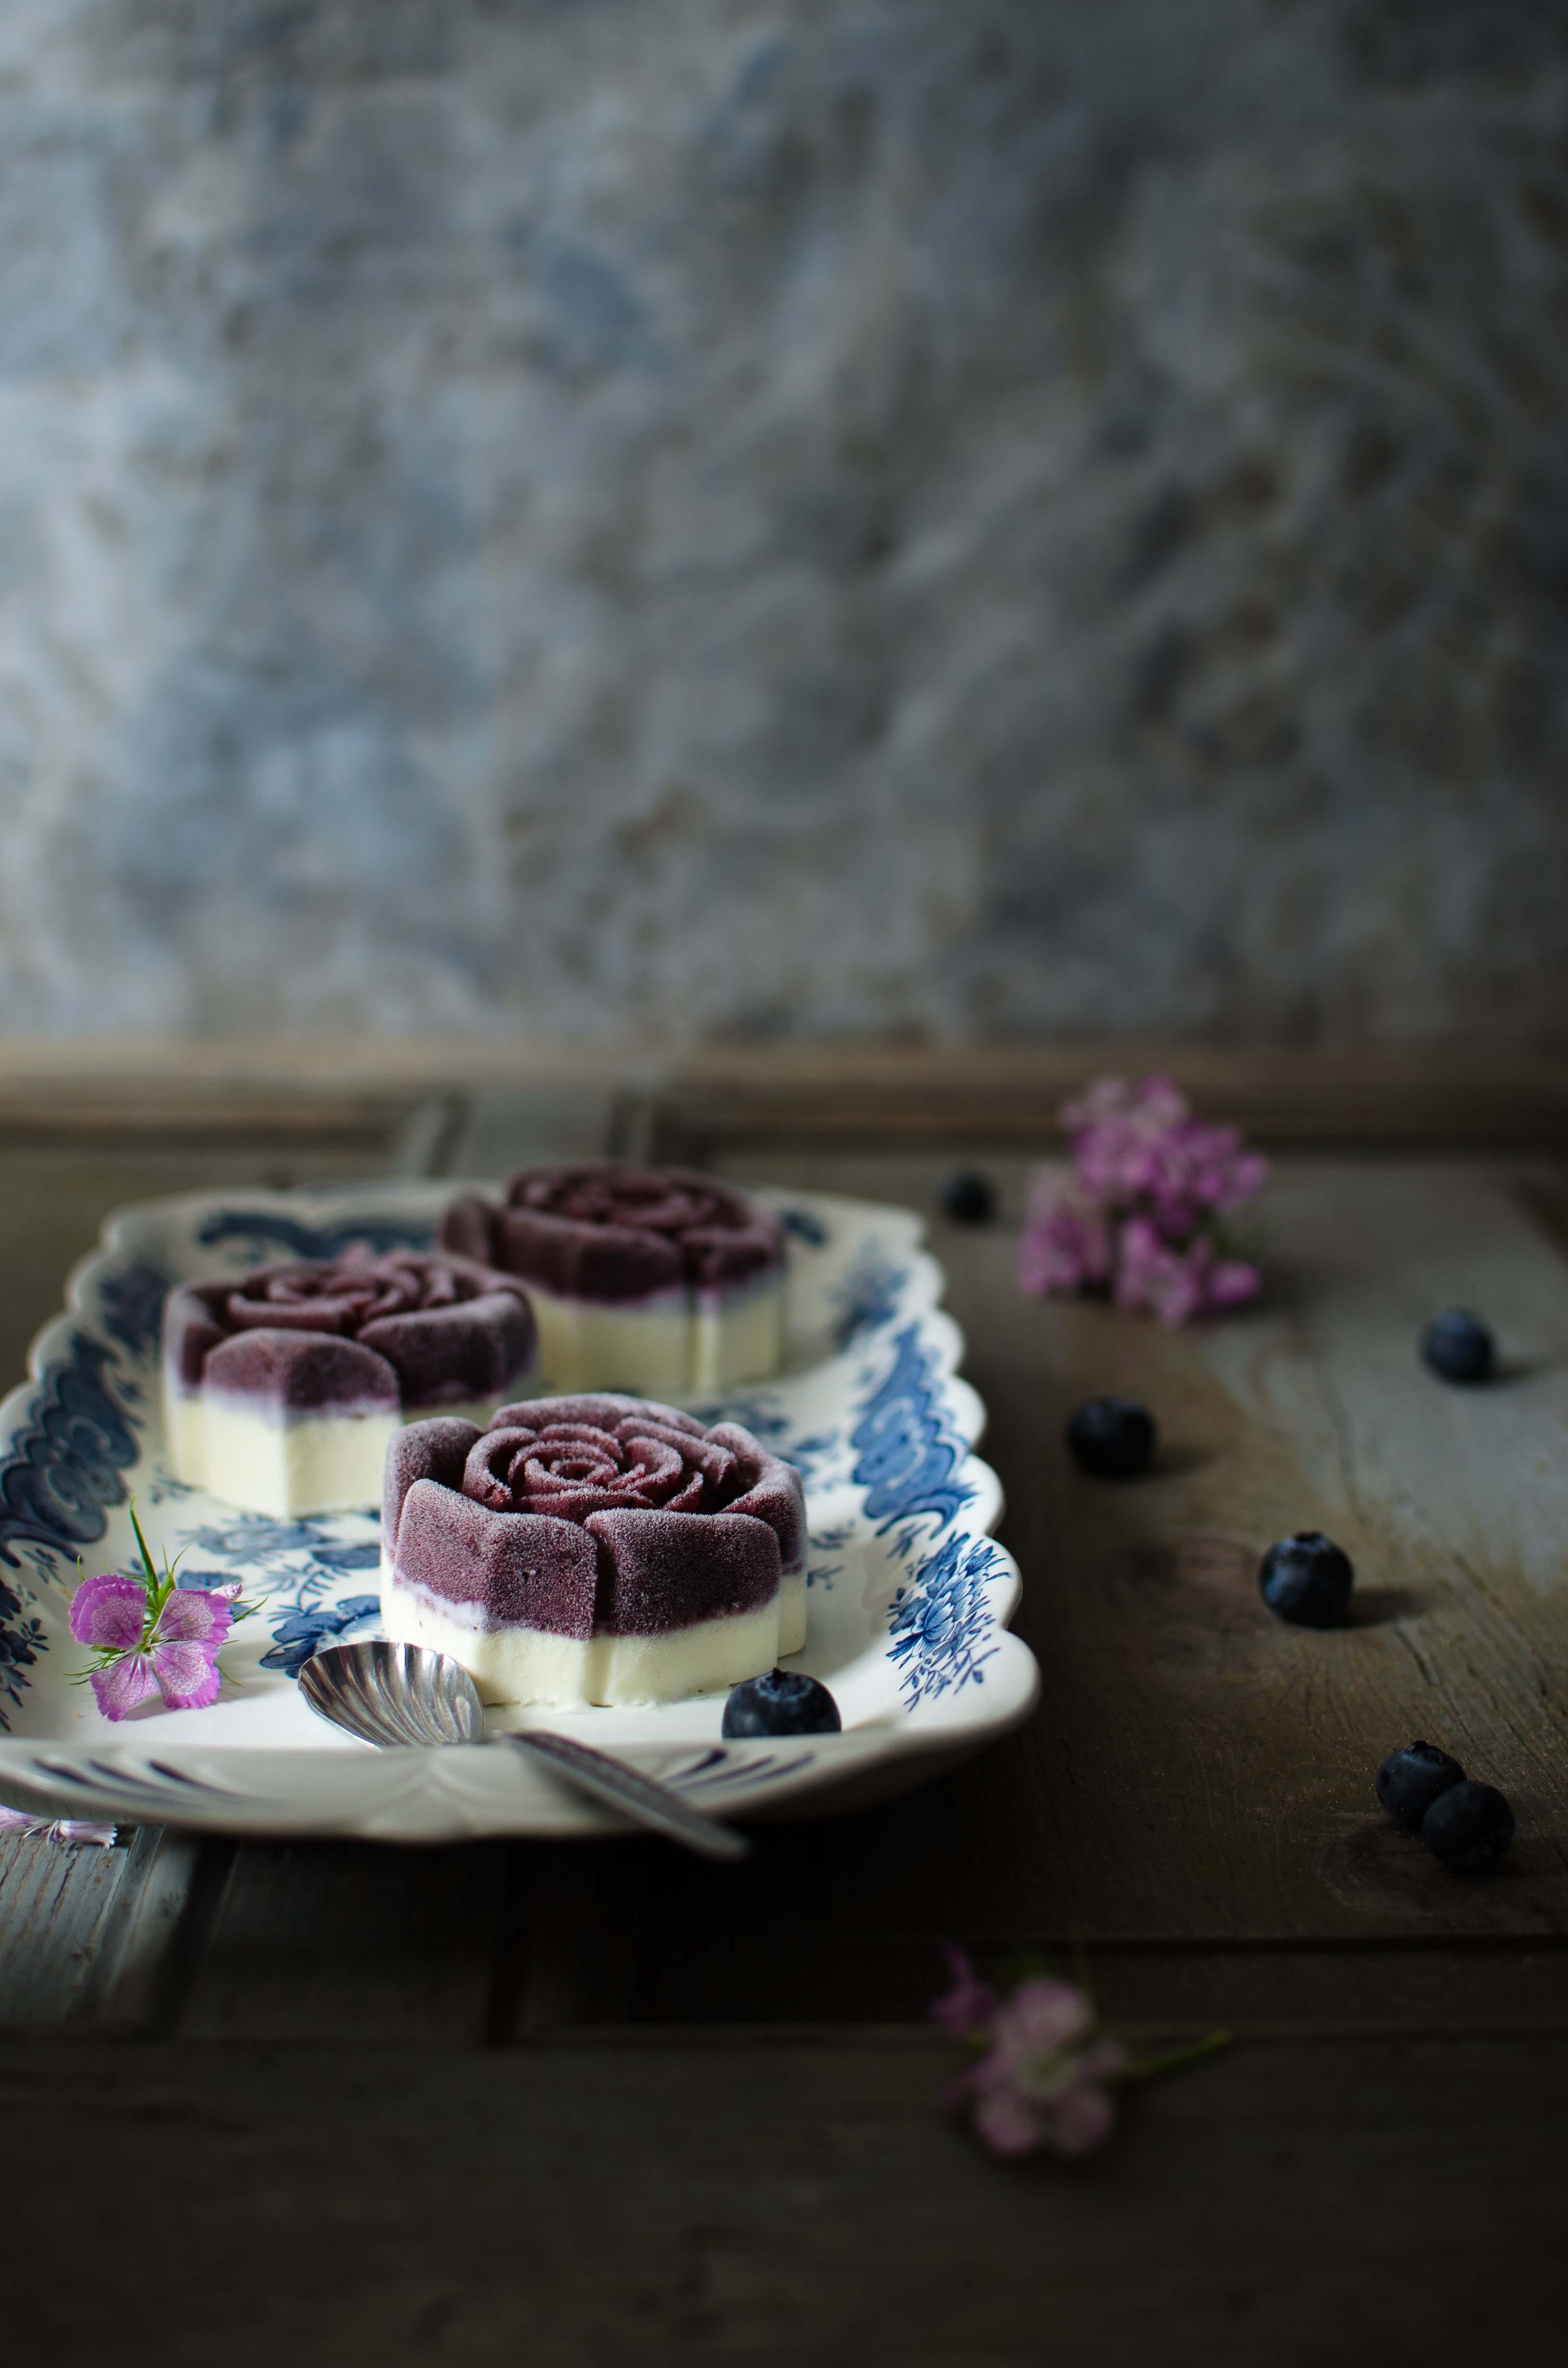 sorbetto_mirtilli_ganache5 Sorbetto ai mirtilli, ganache morbida al cioccolato e vaniglia